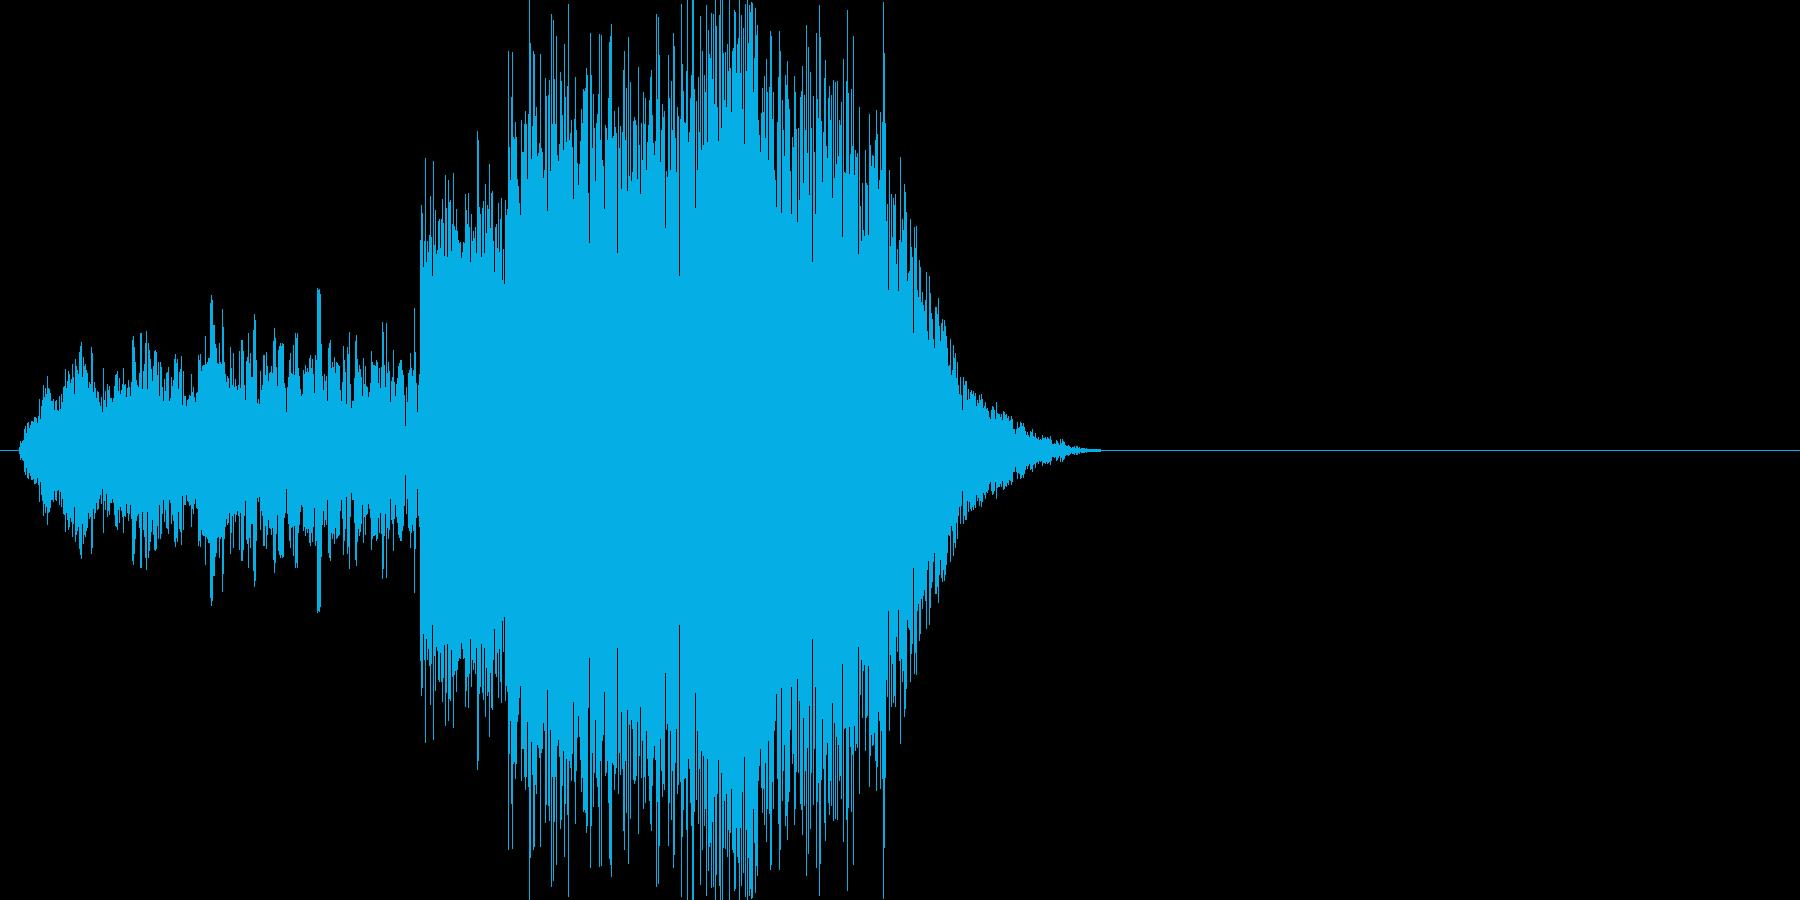 キュゥゥ...ドガガーン(雷、魔法)の再生済みの波形